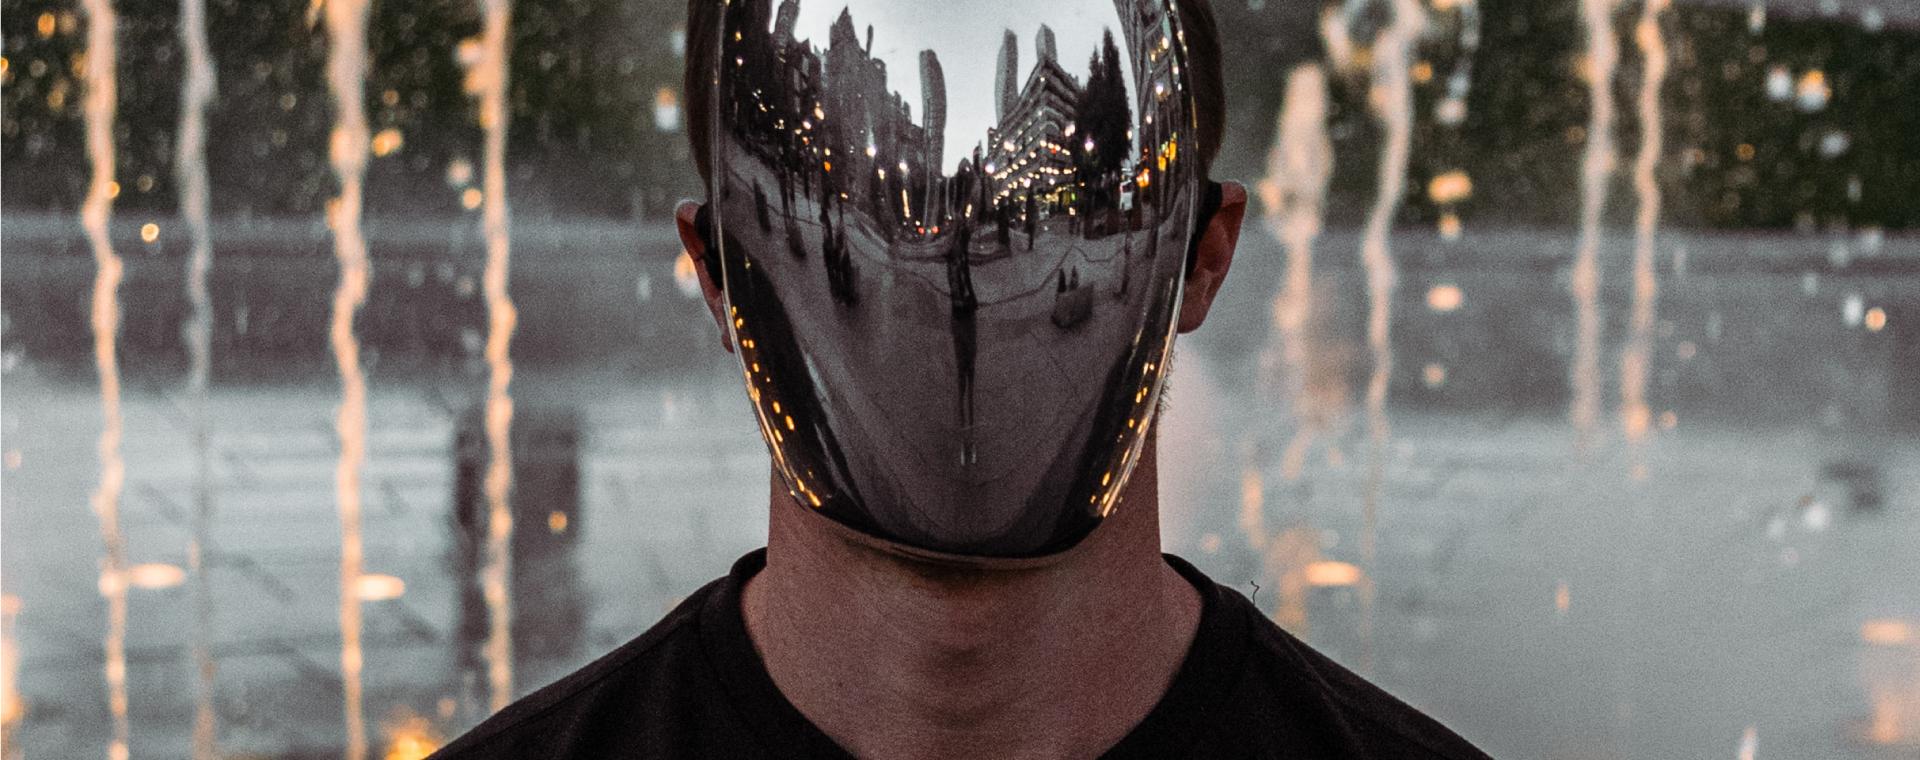 AI Spotlight: How Deepfaking Threatens Society